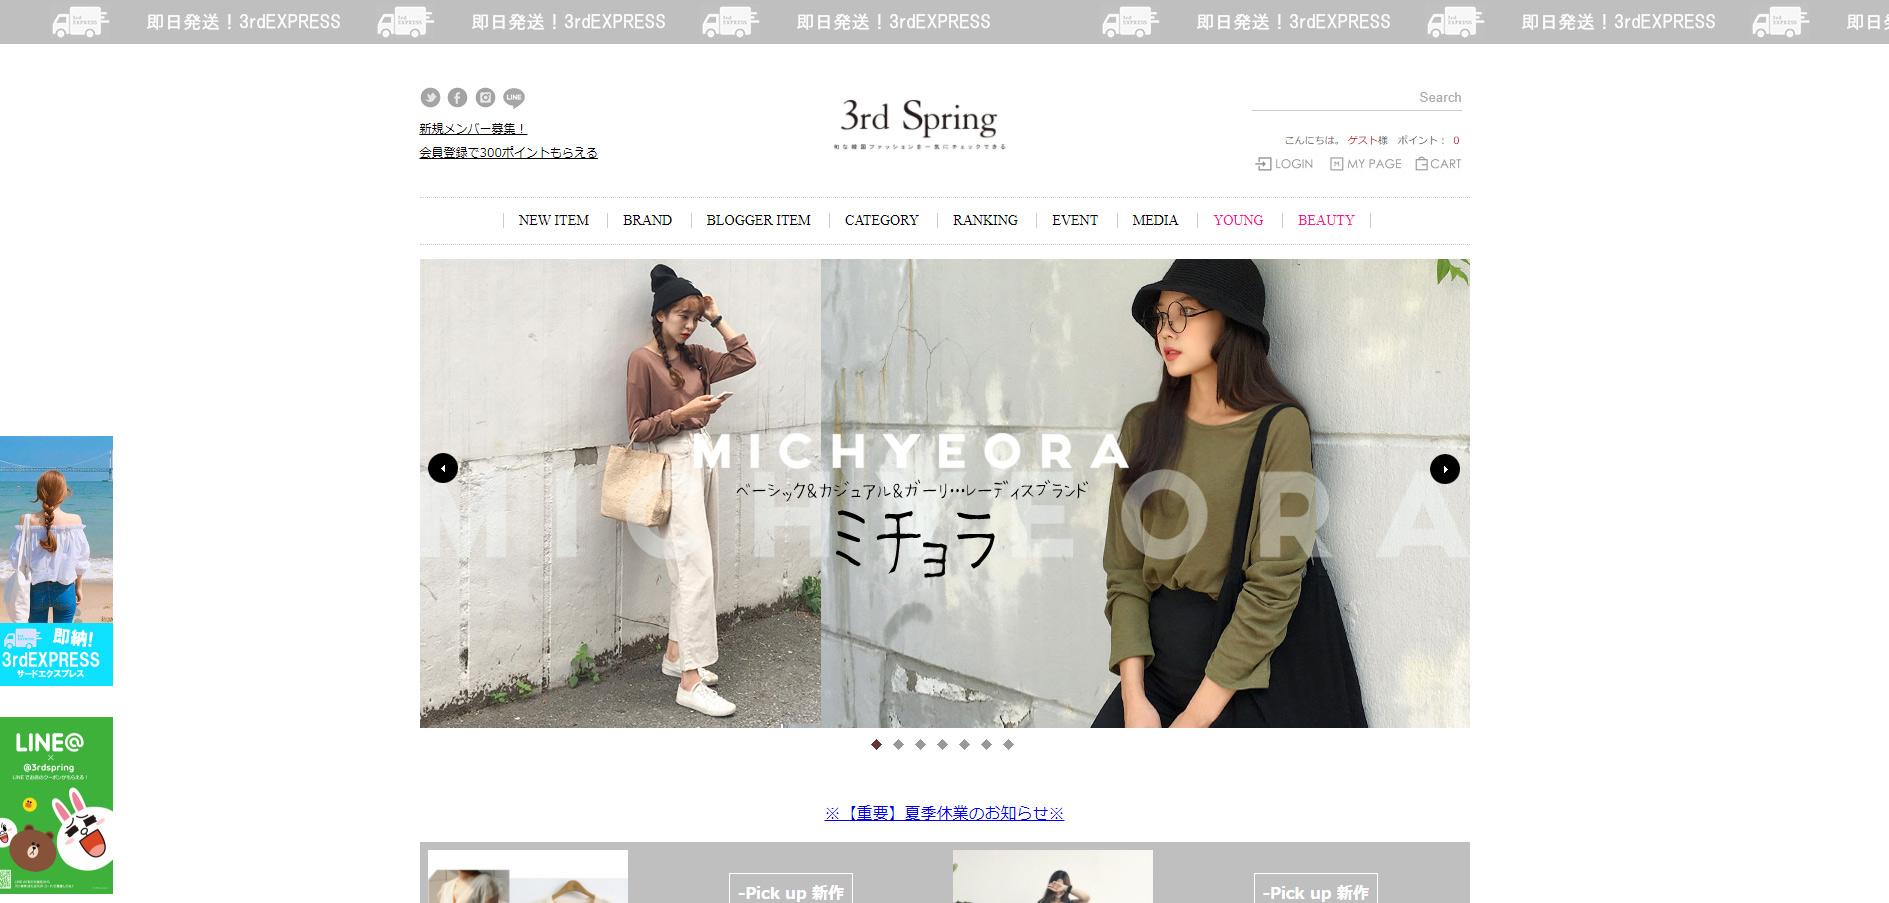 30代におすすめな韓国ファッション通販サイトの3rdSpring(サードスプリング